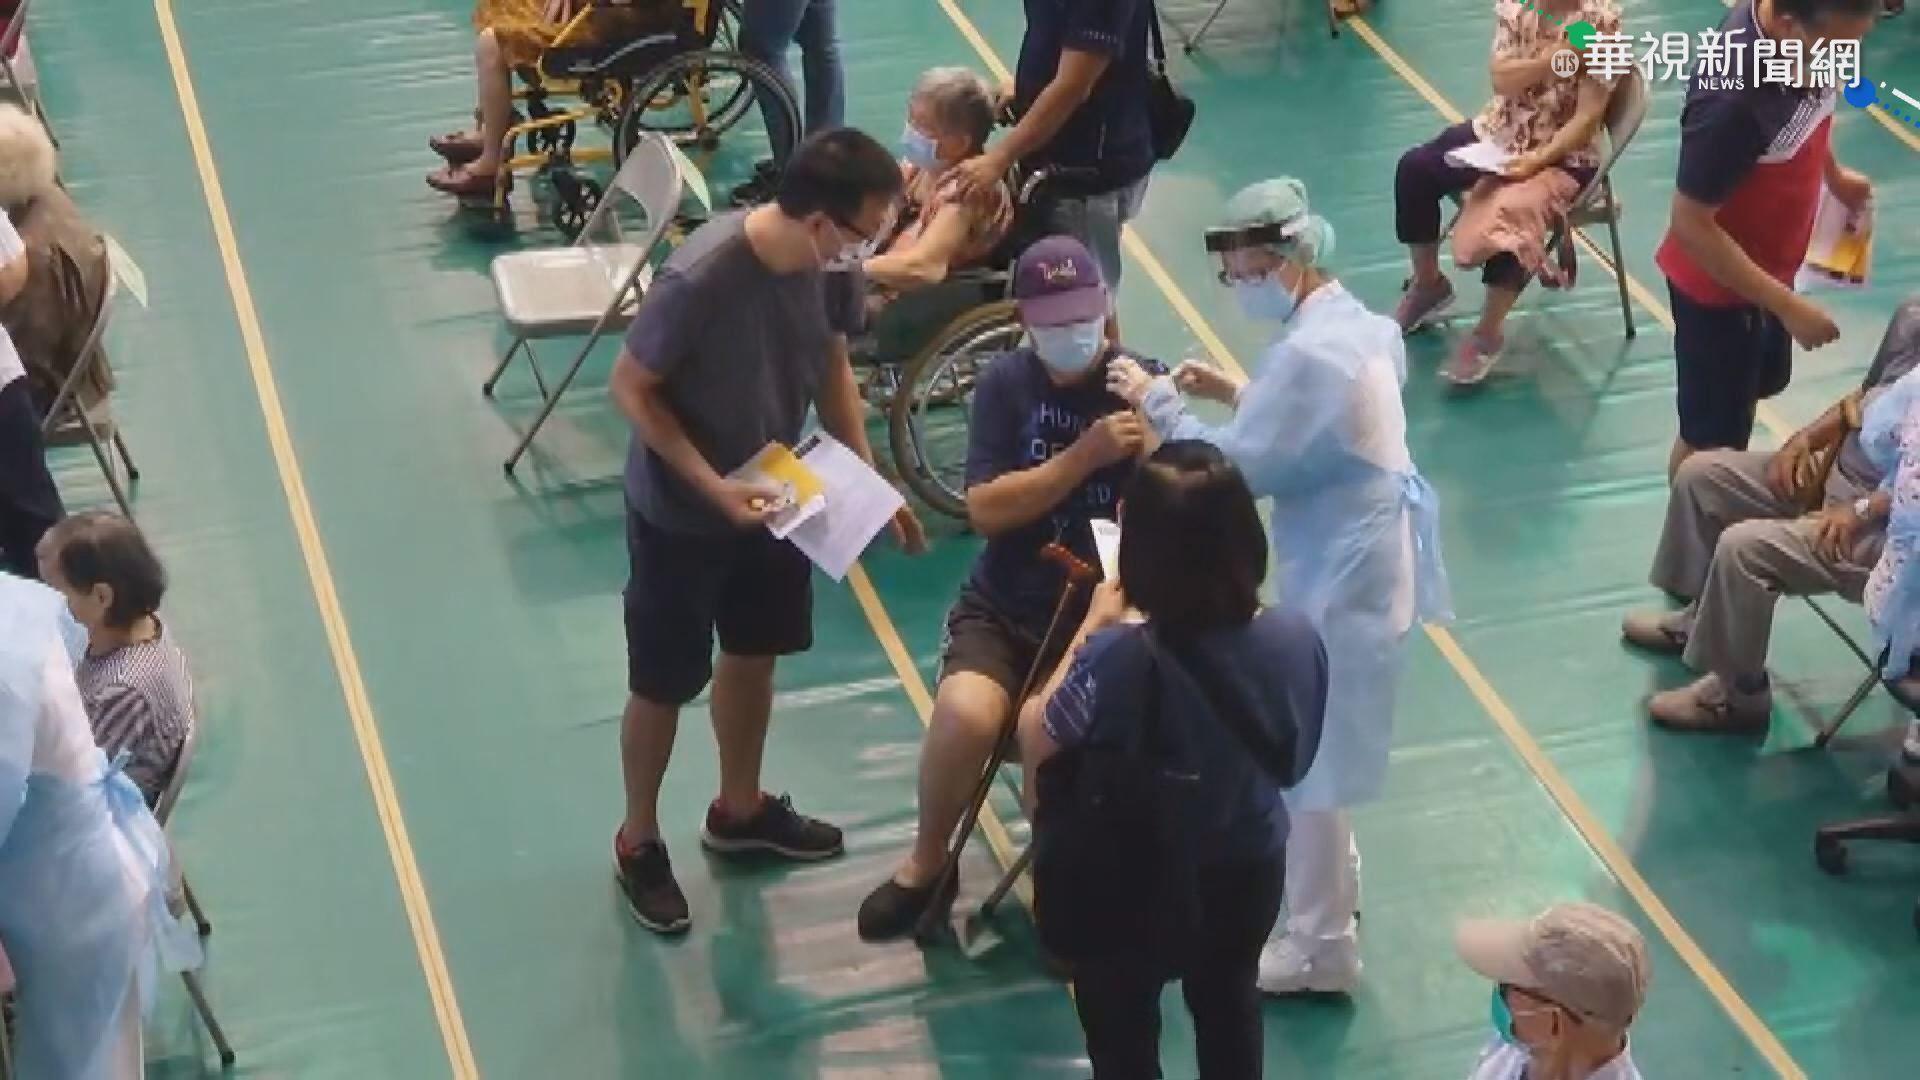 打疫苗頻傳死亡 高醫:引發休克機率低